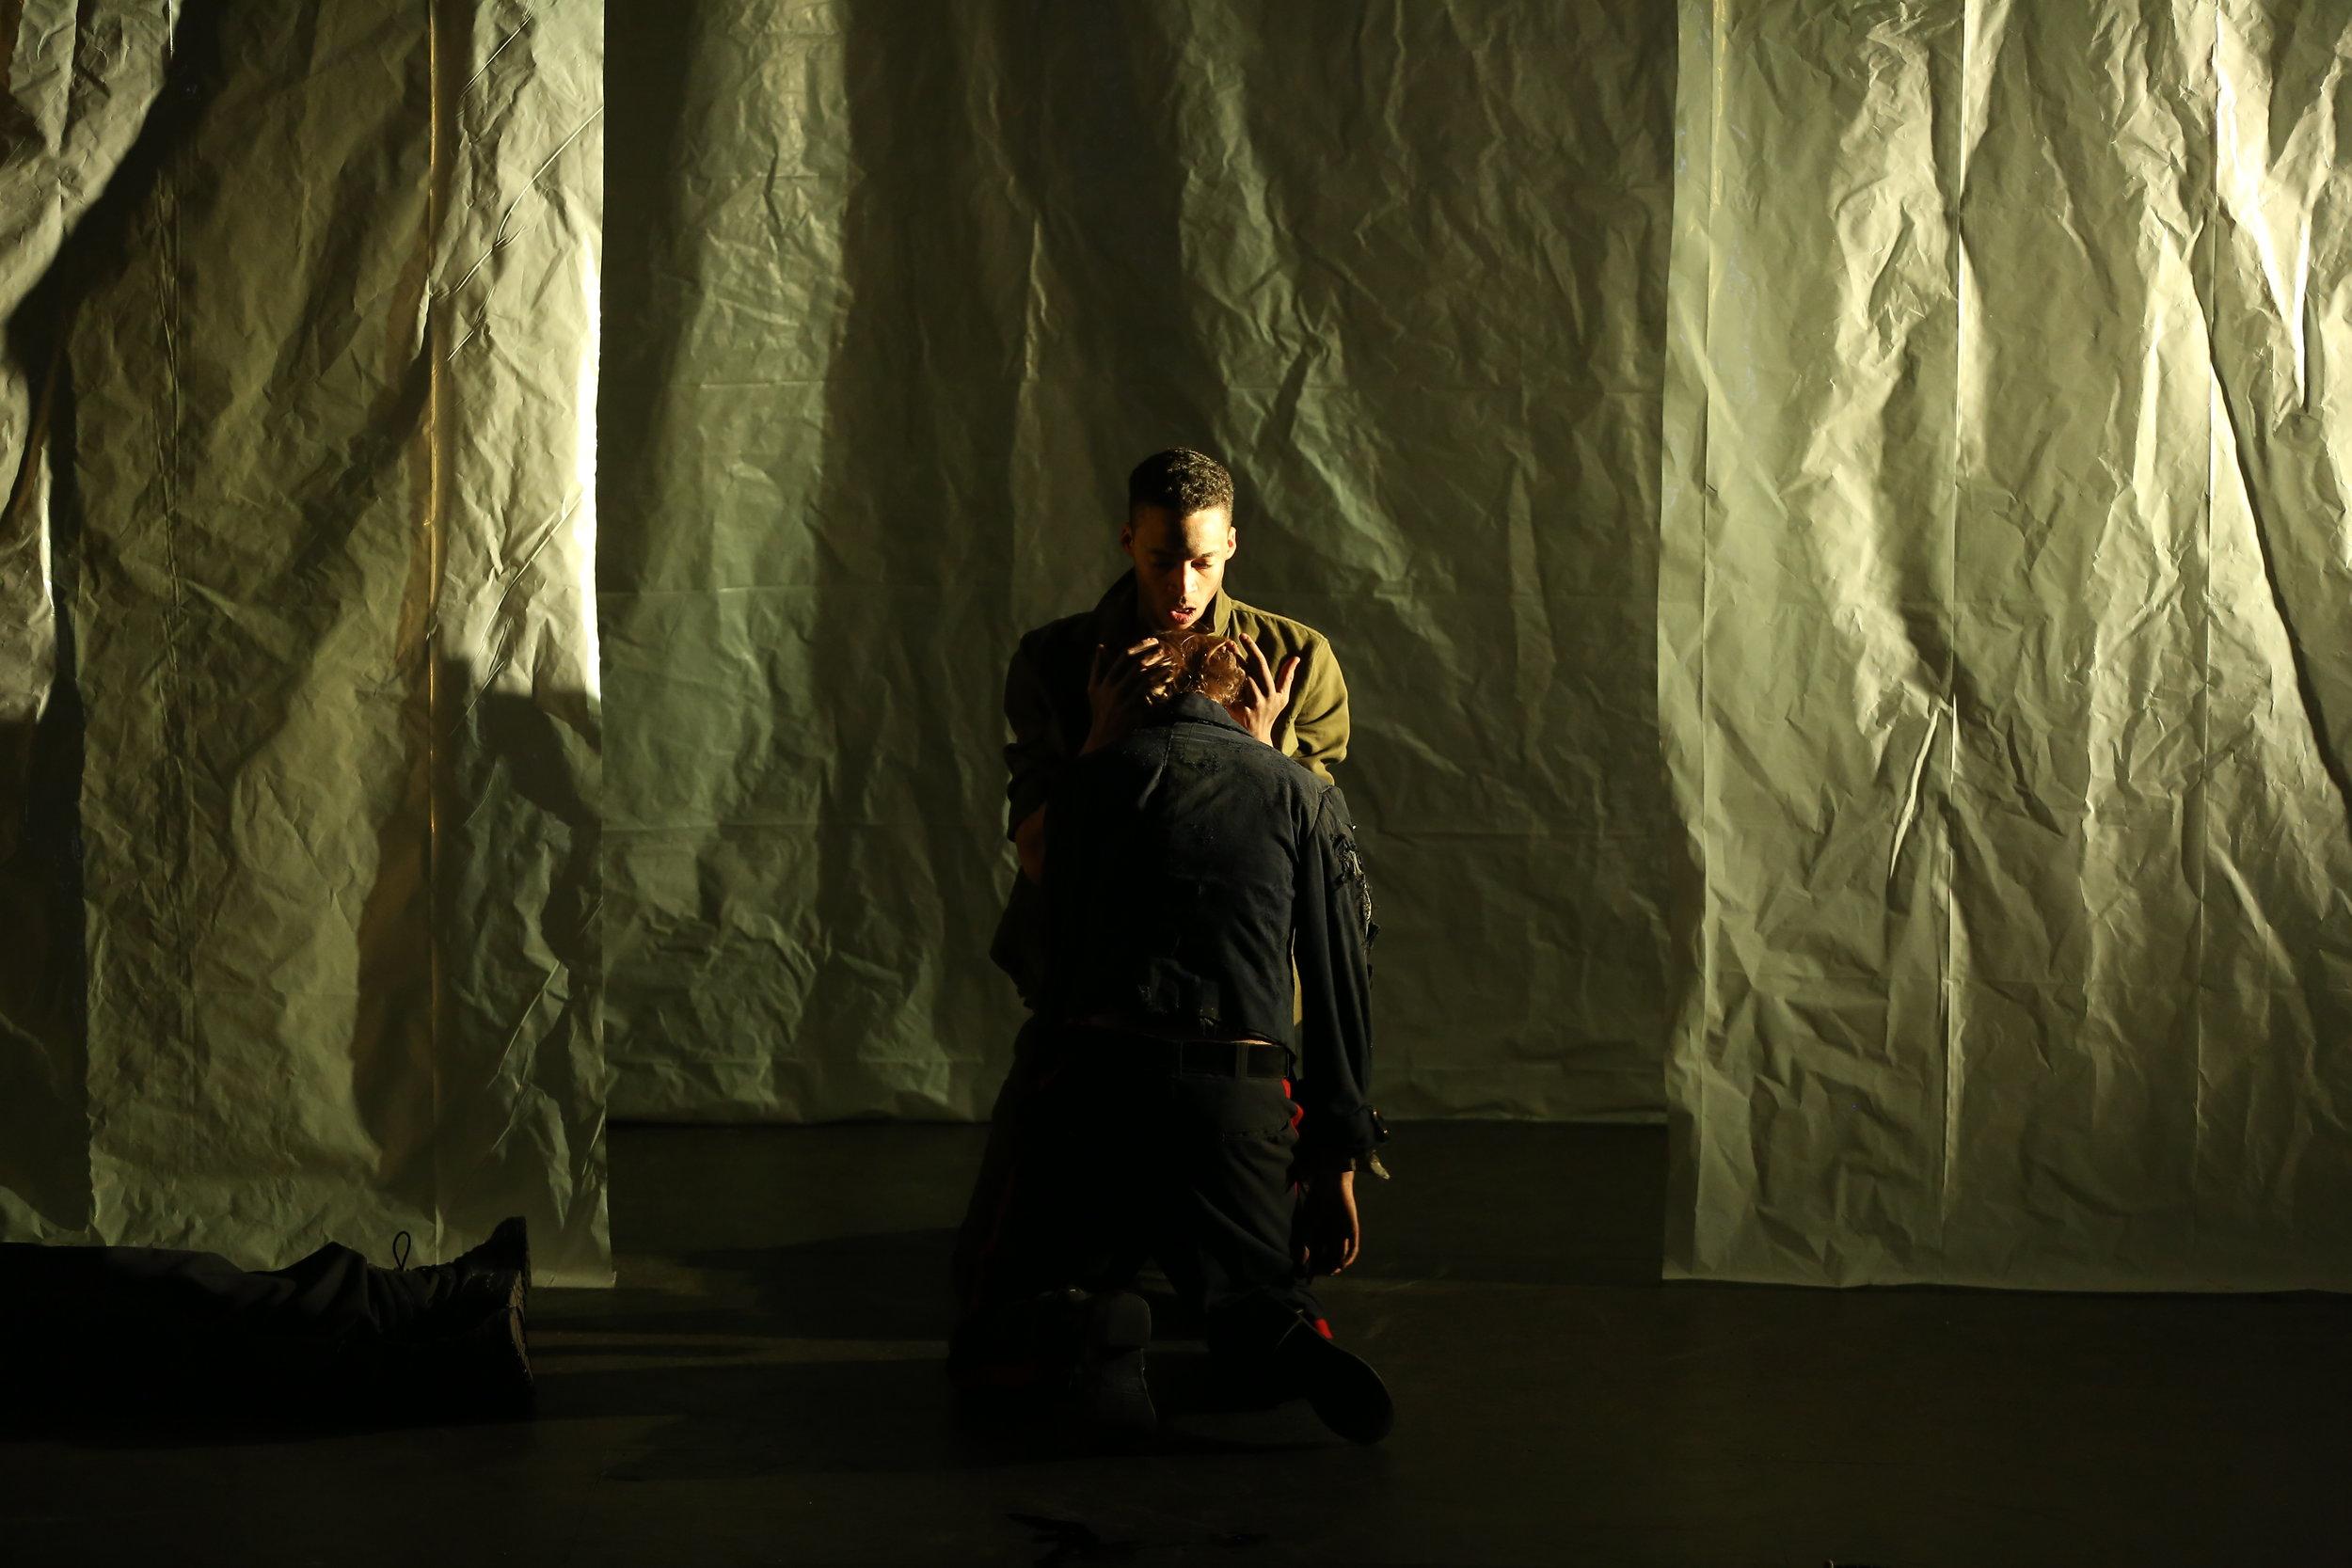 Macbeth0019.JPG